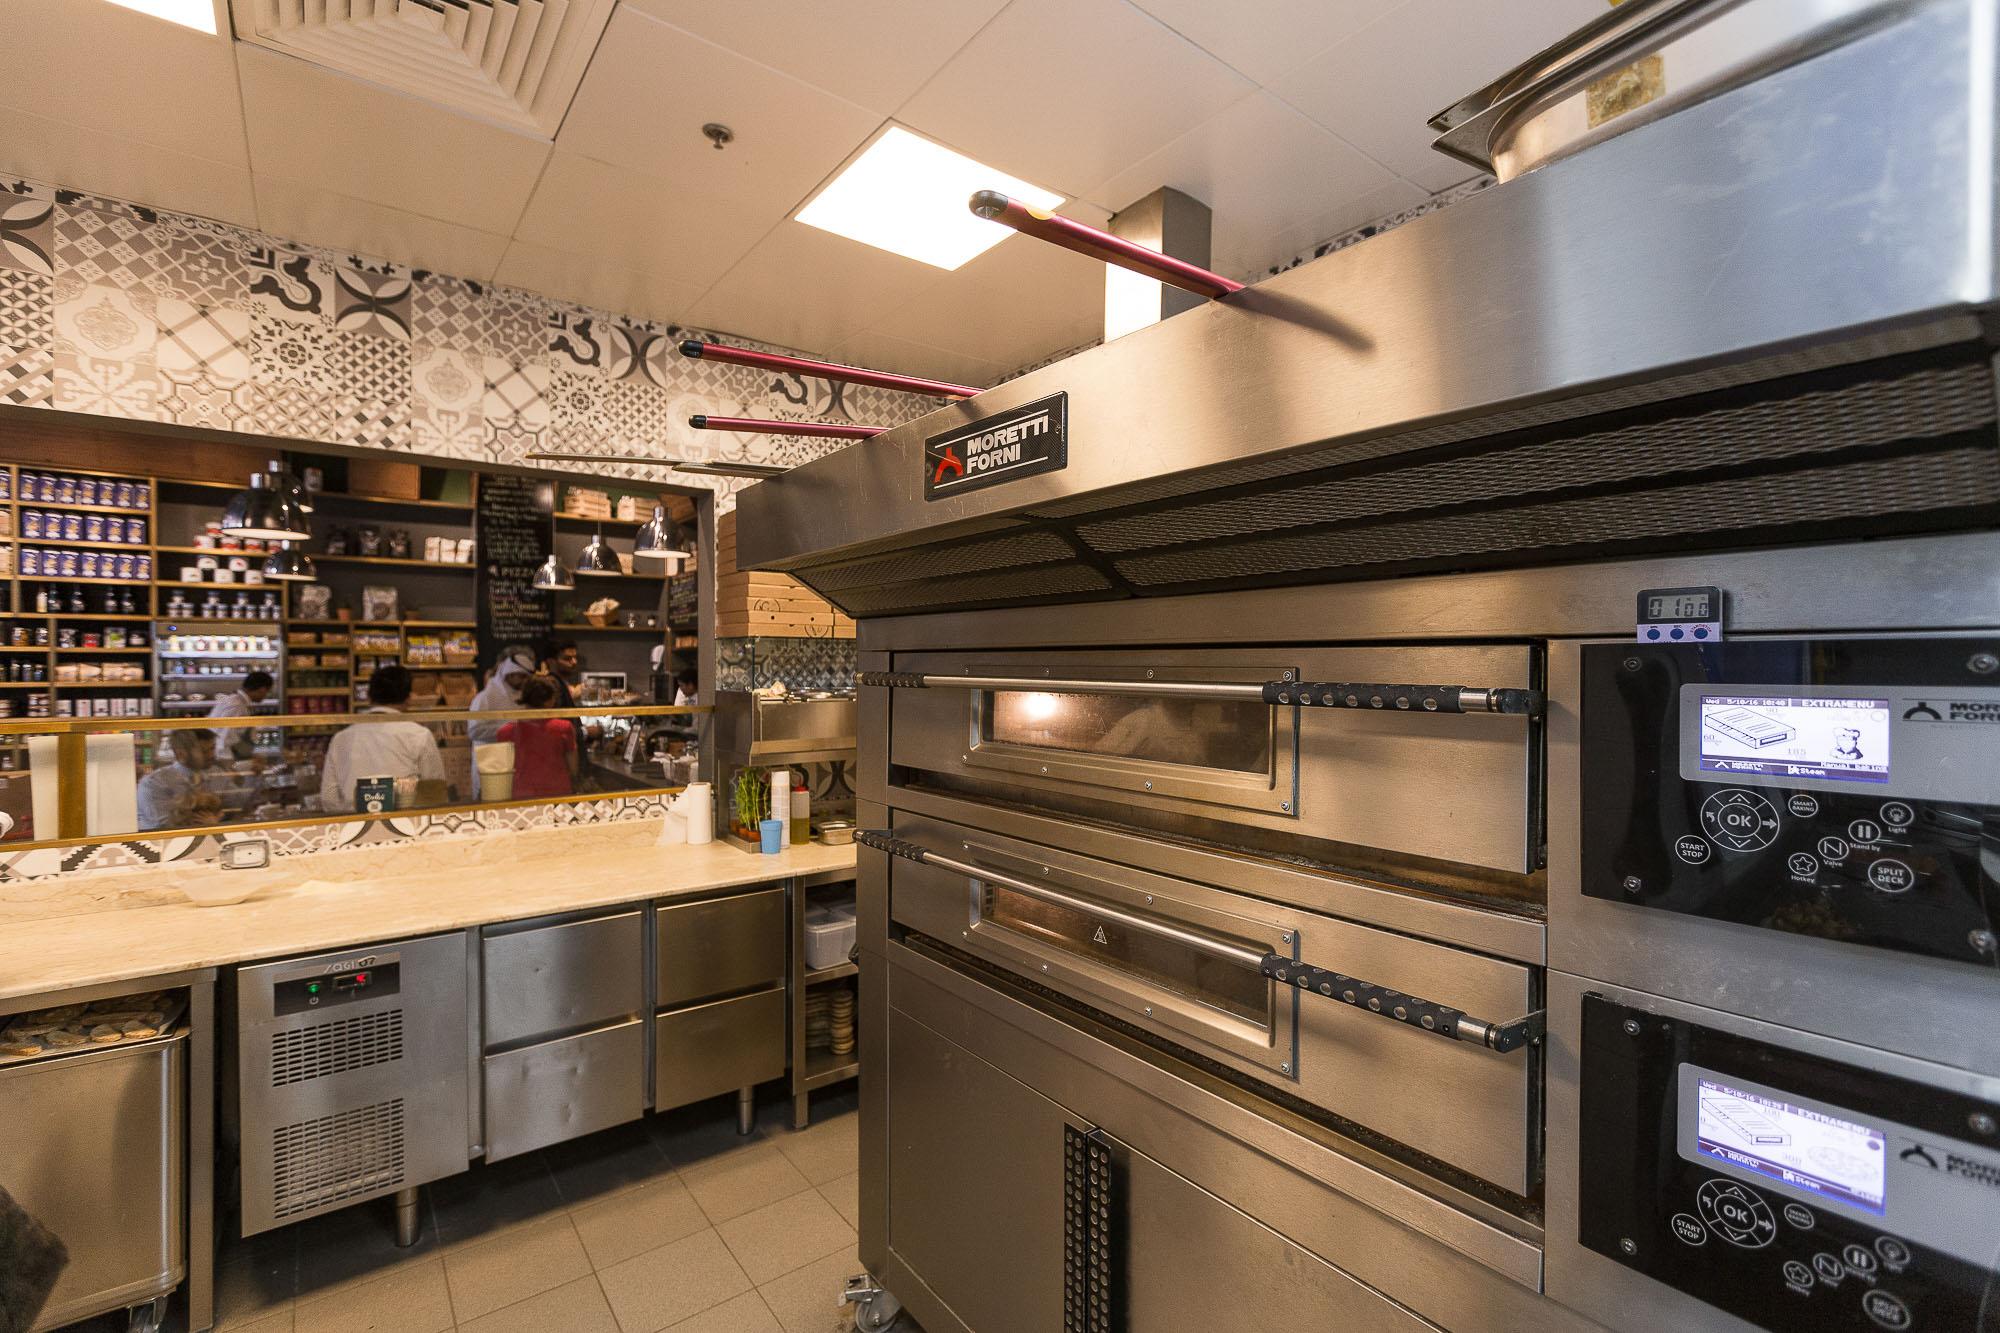 mercato_italia_kitchen_dubai_7